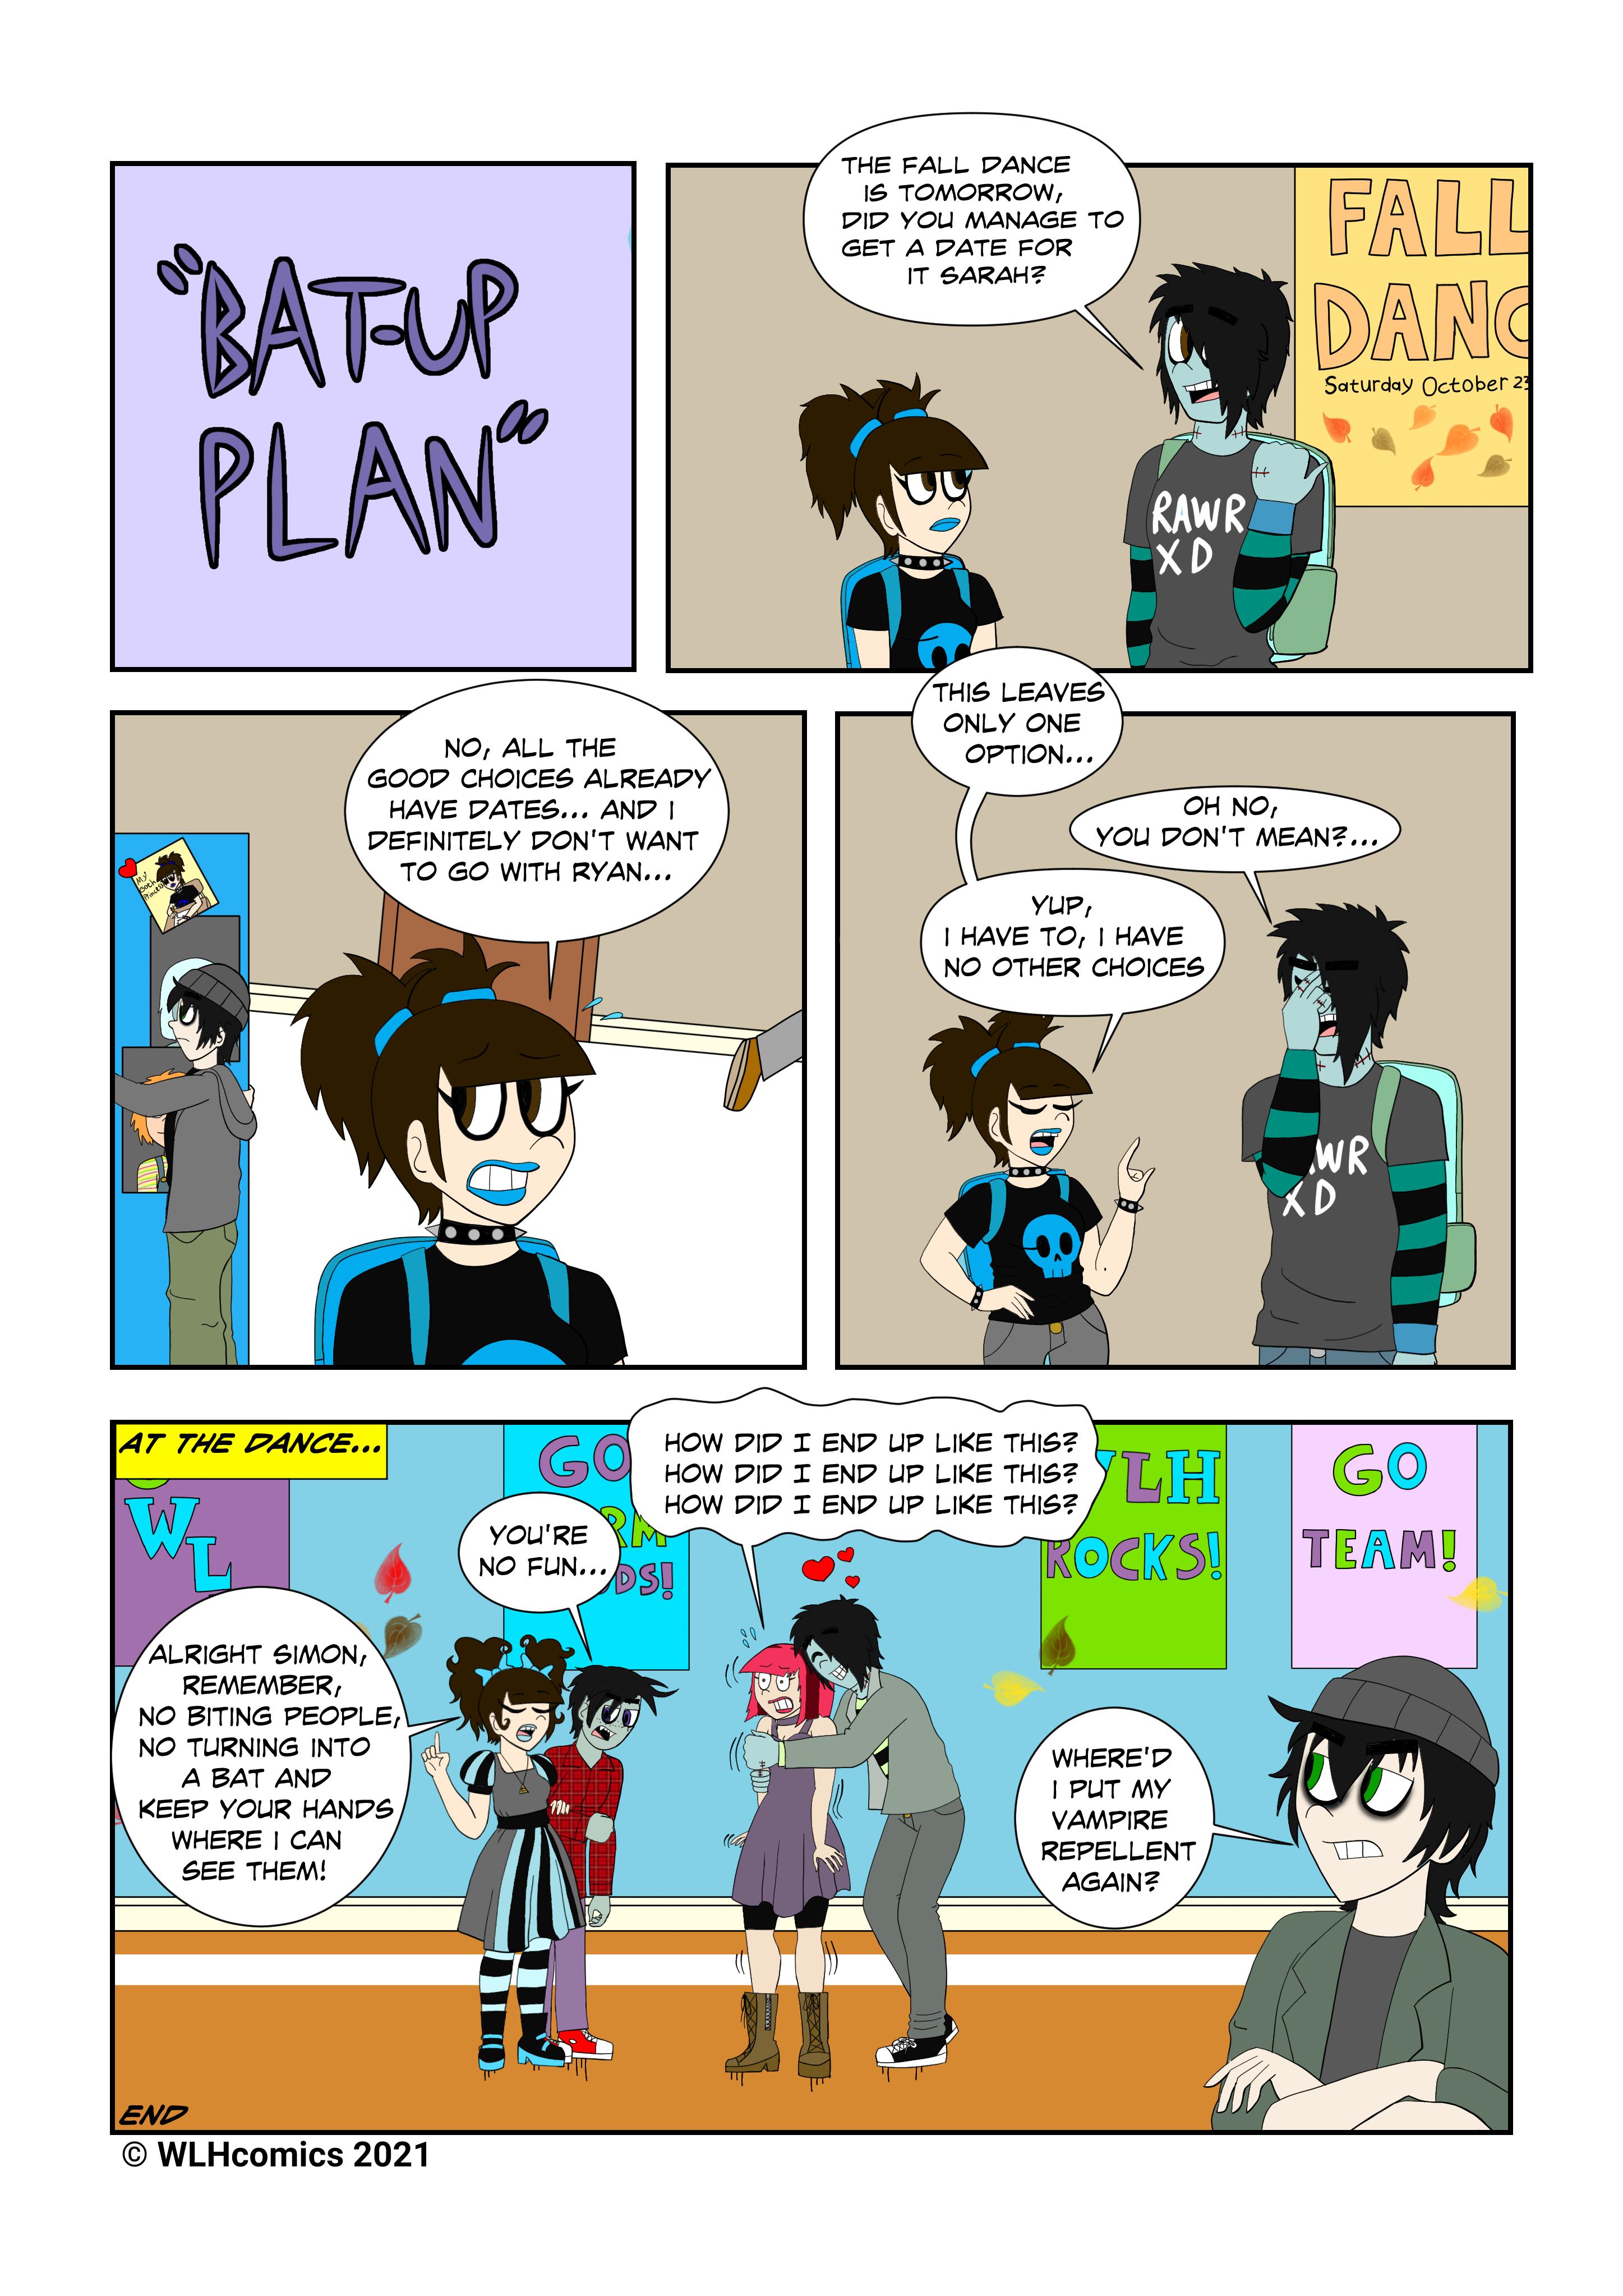 Bat-Up Plan